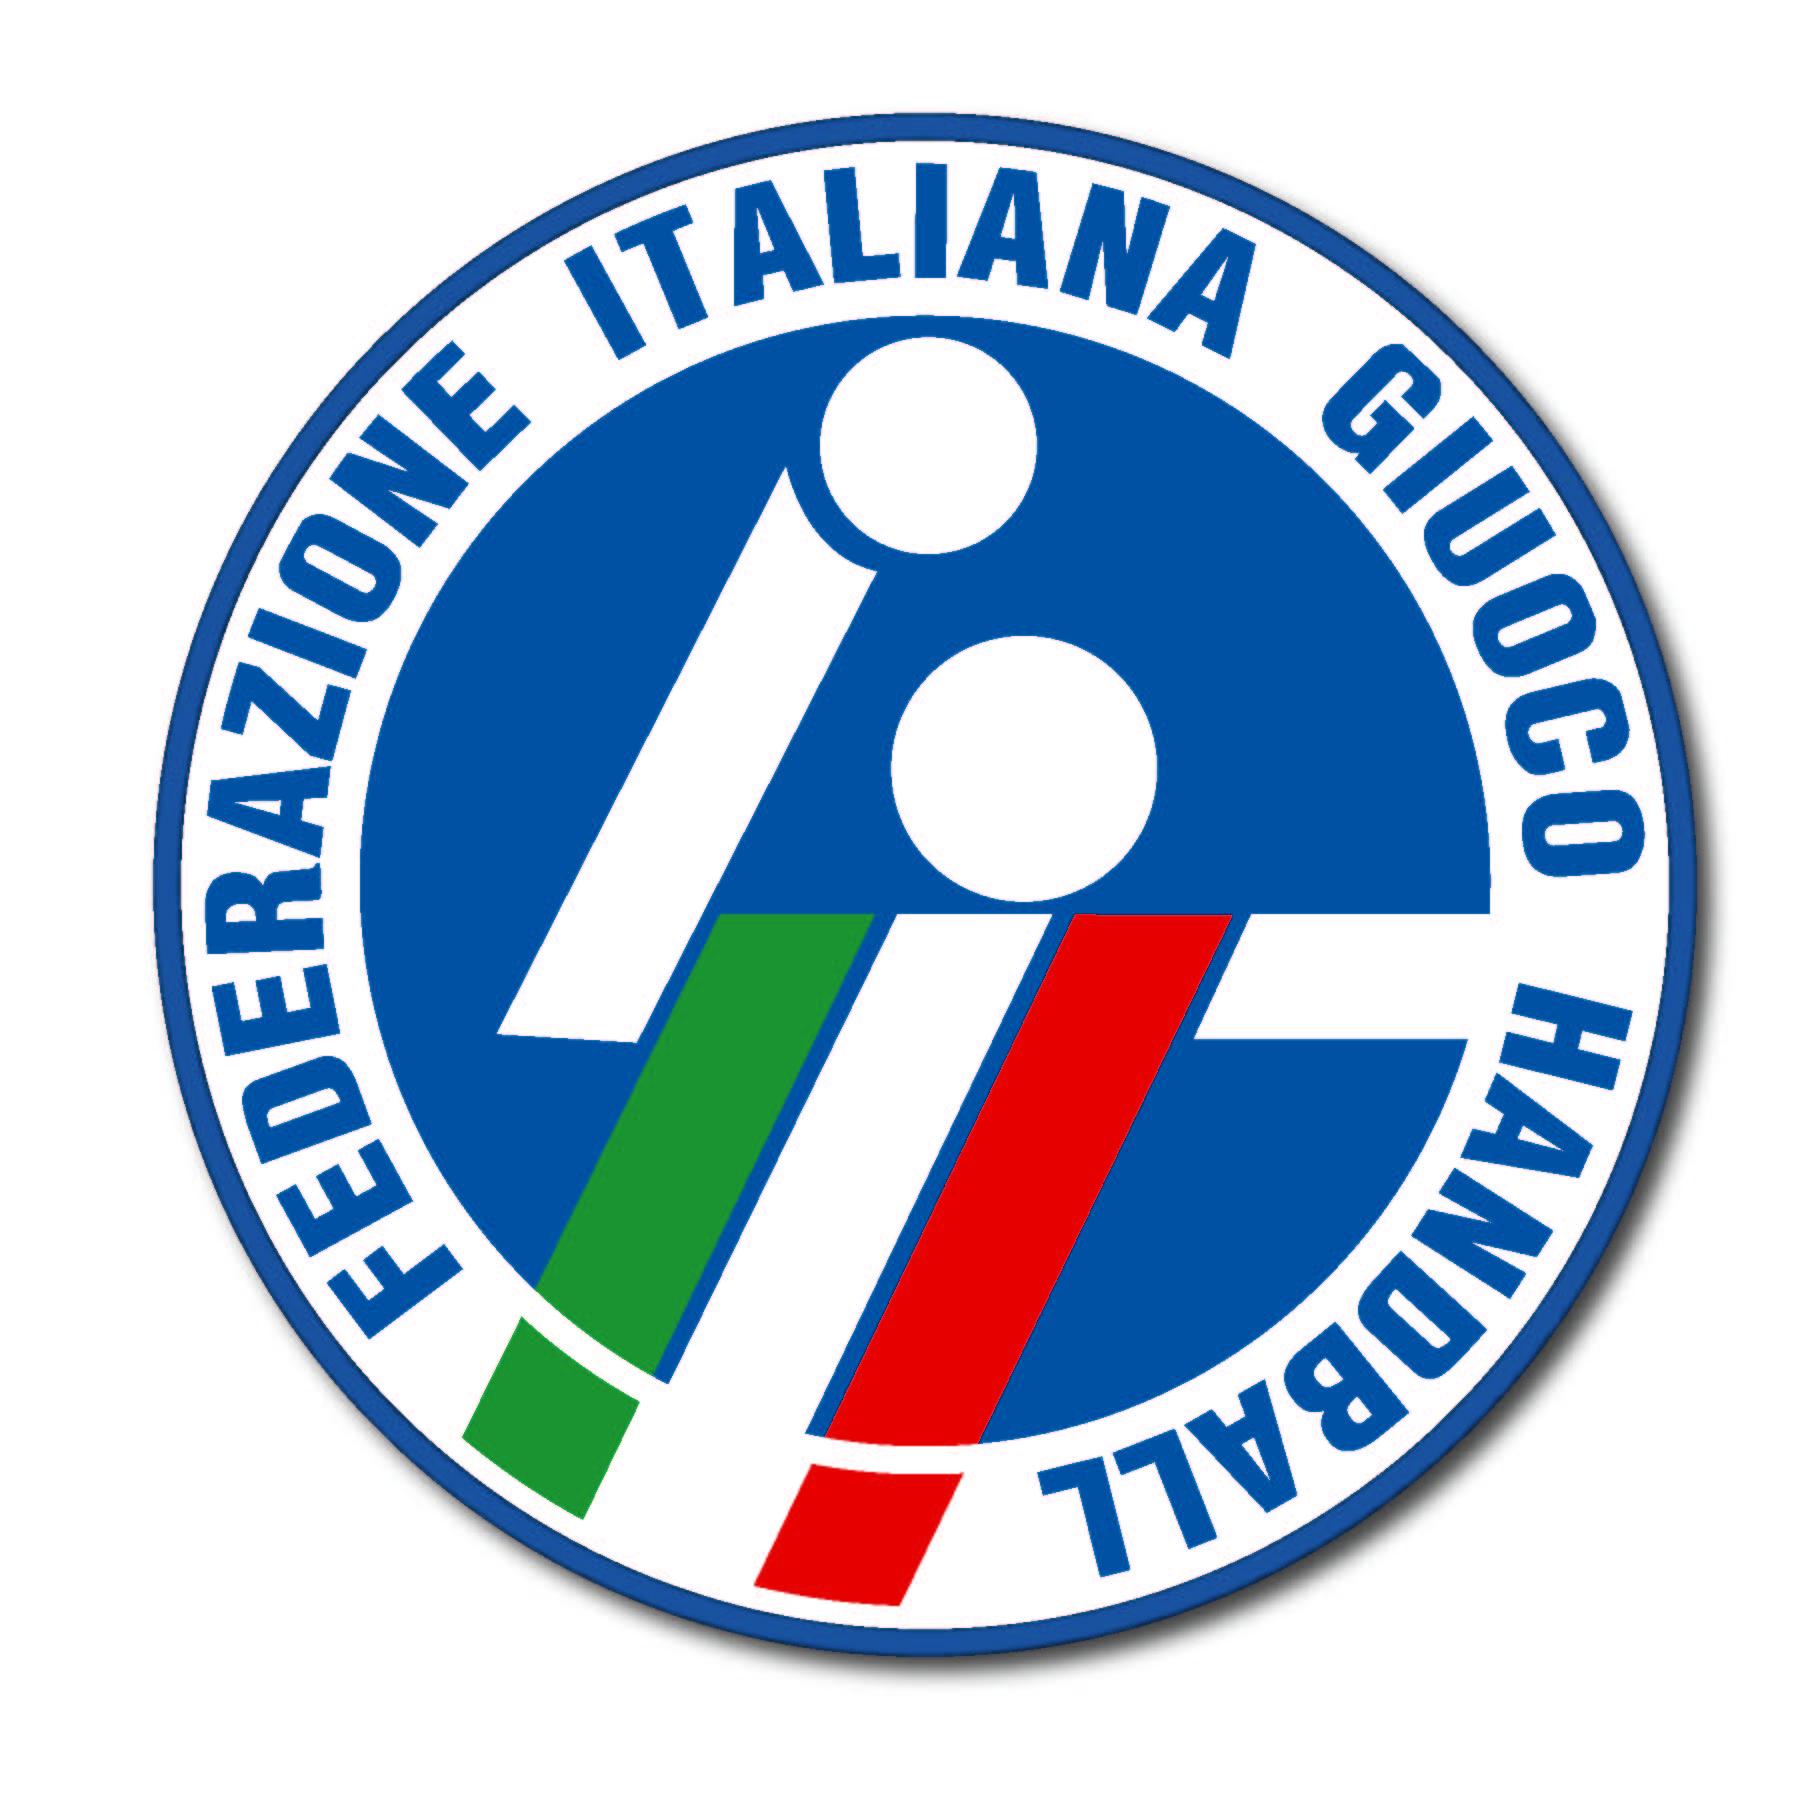 PALLAMANO-ALBATRO FUORI DA COPPA ITALIA